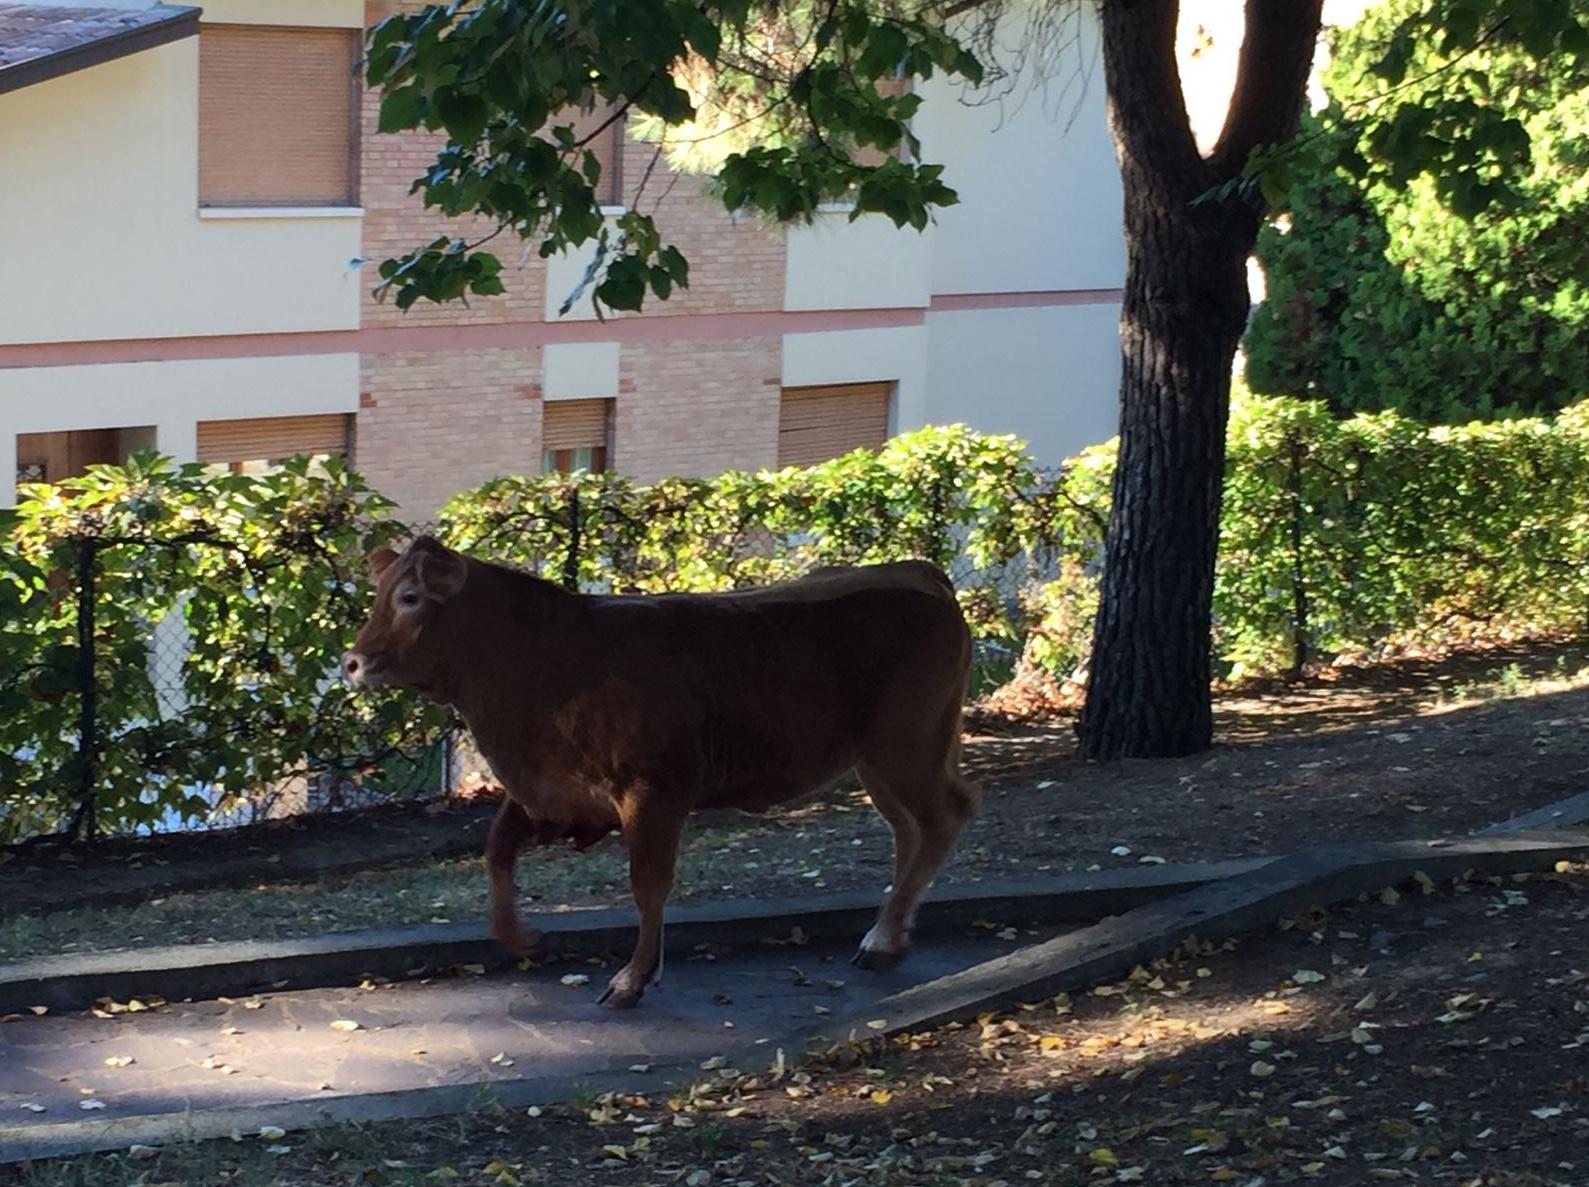 vitelli-girano-in-pieno-centro-a-sona-57fe01e3ea2174